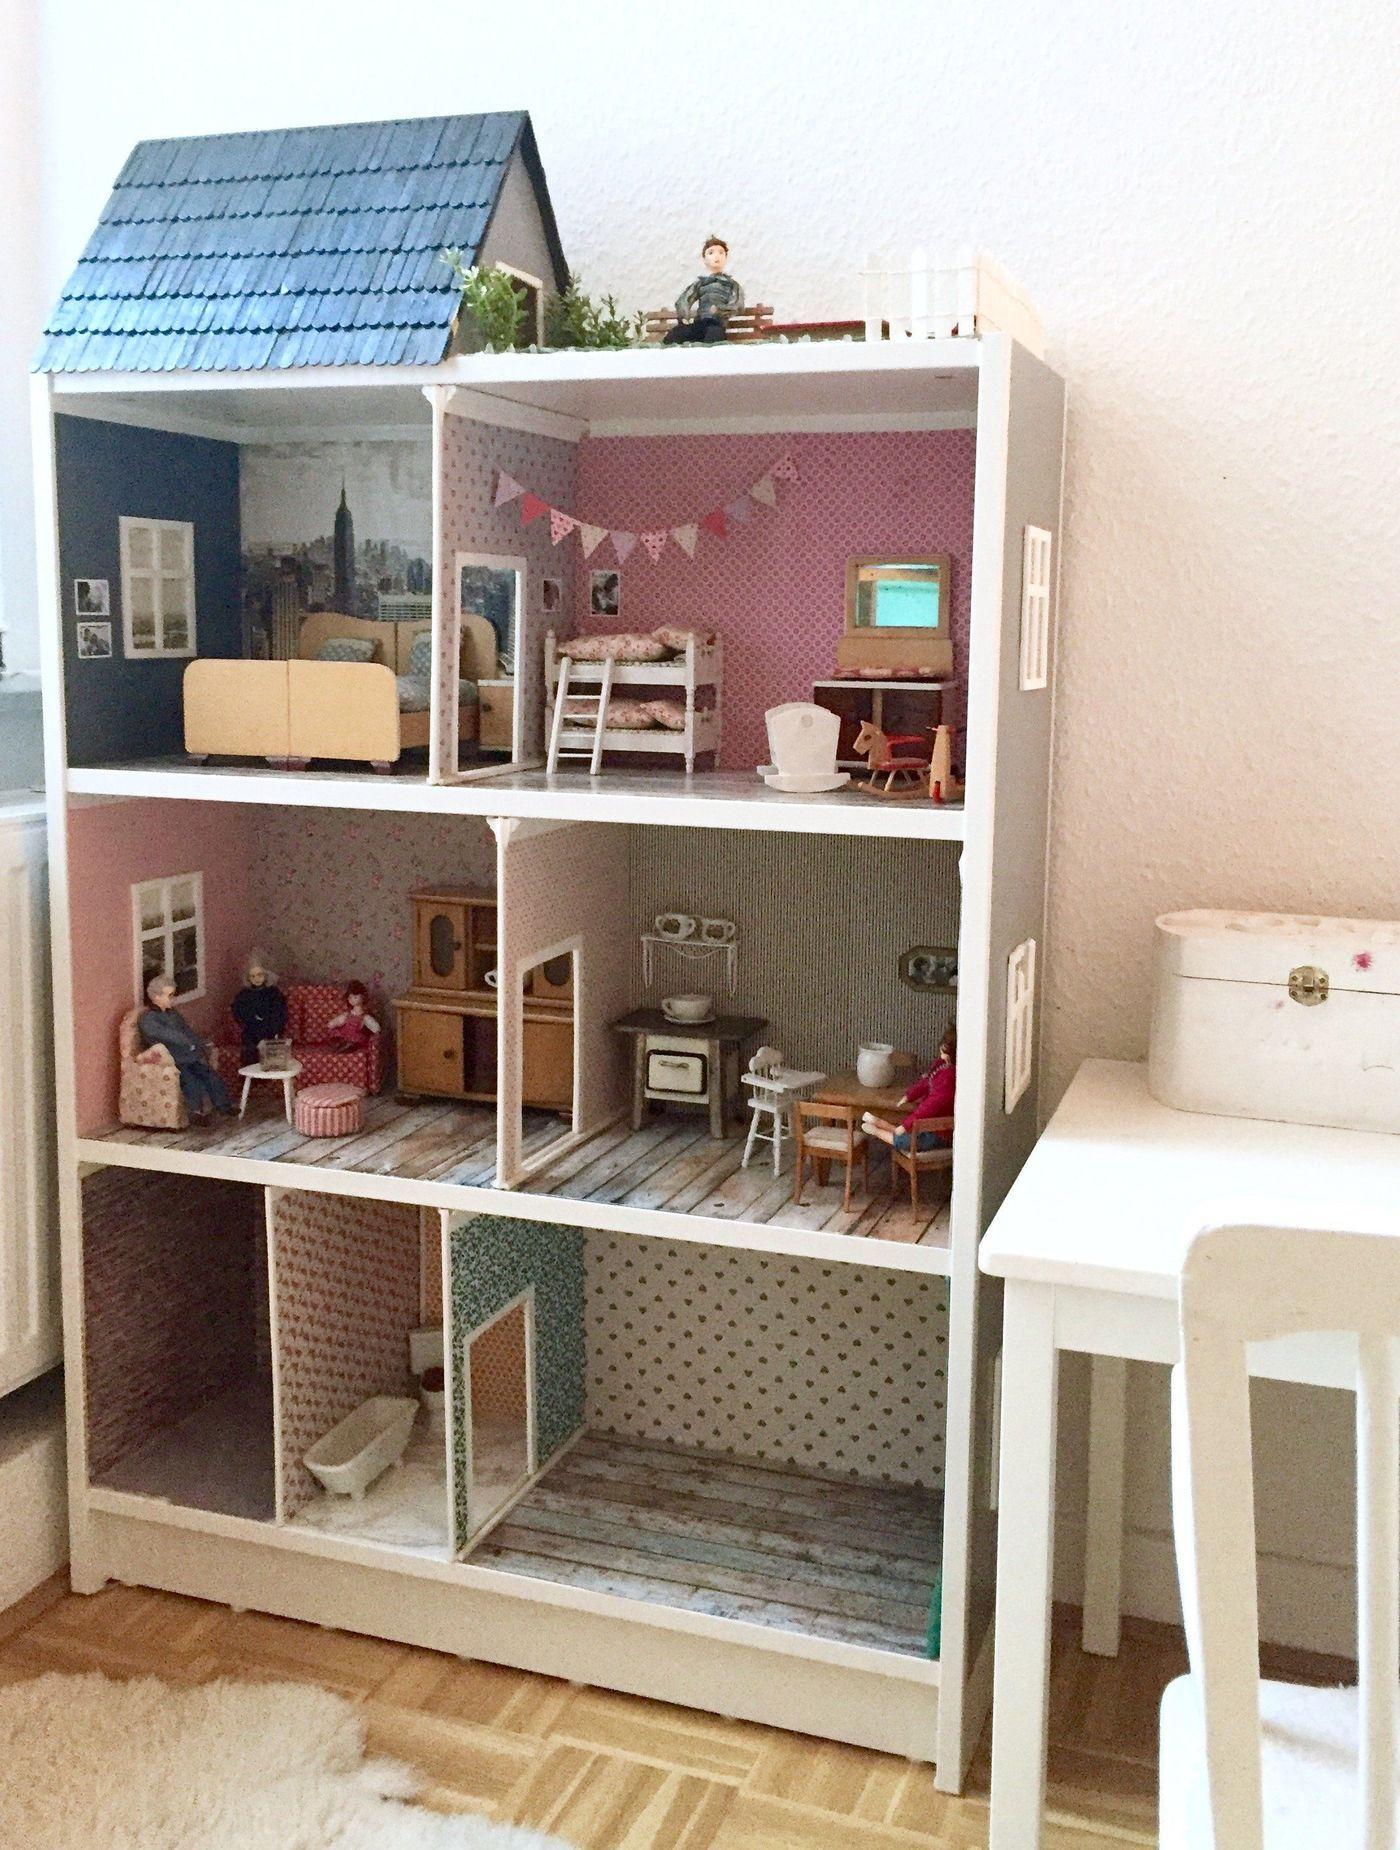 Häufig Tipps und Ideen für ein Puppenhaus AV55